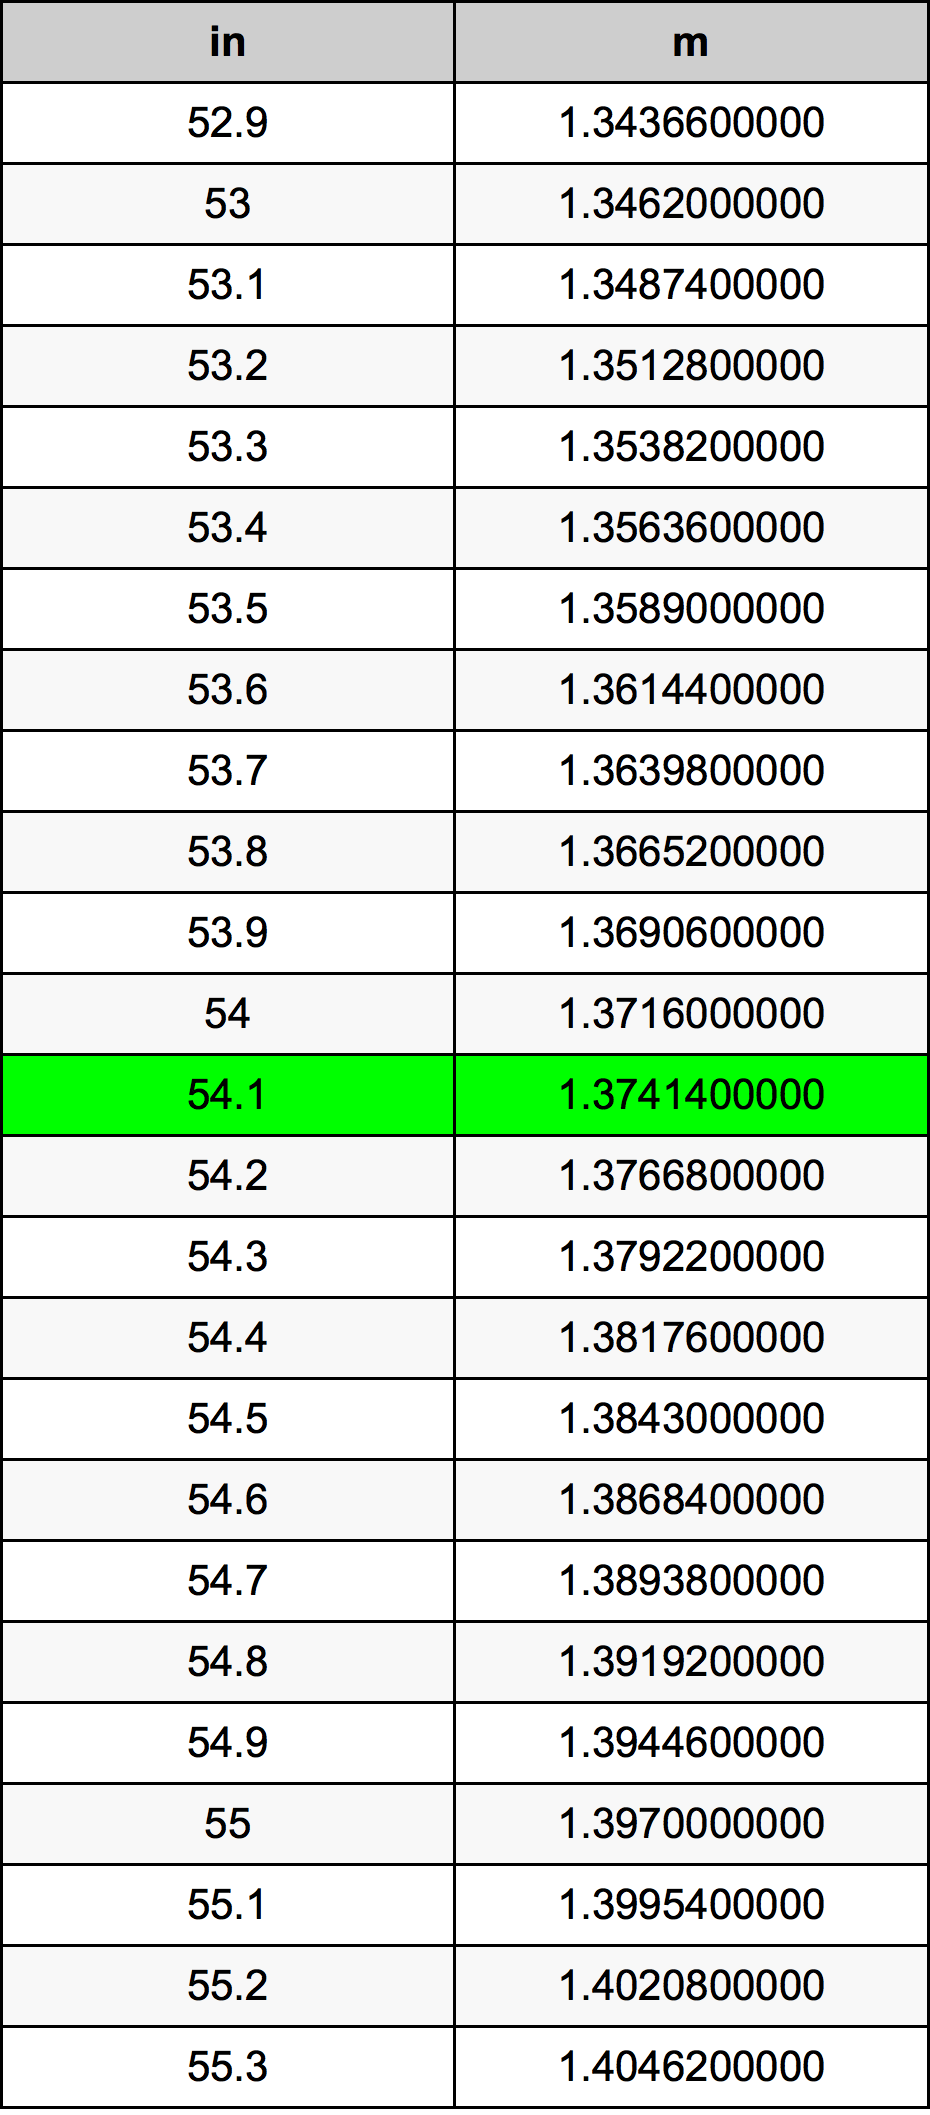 54.1 인치 변환 표